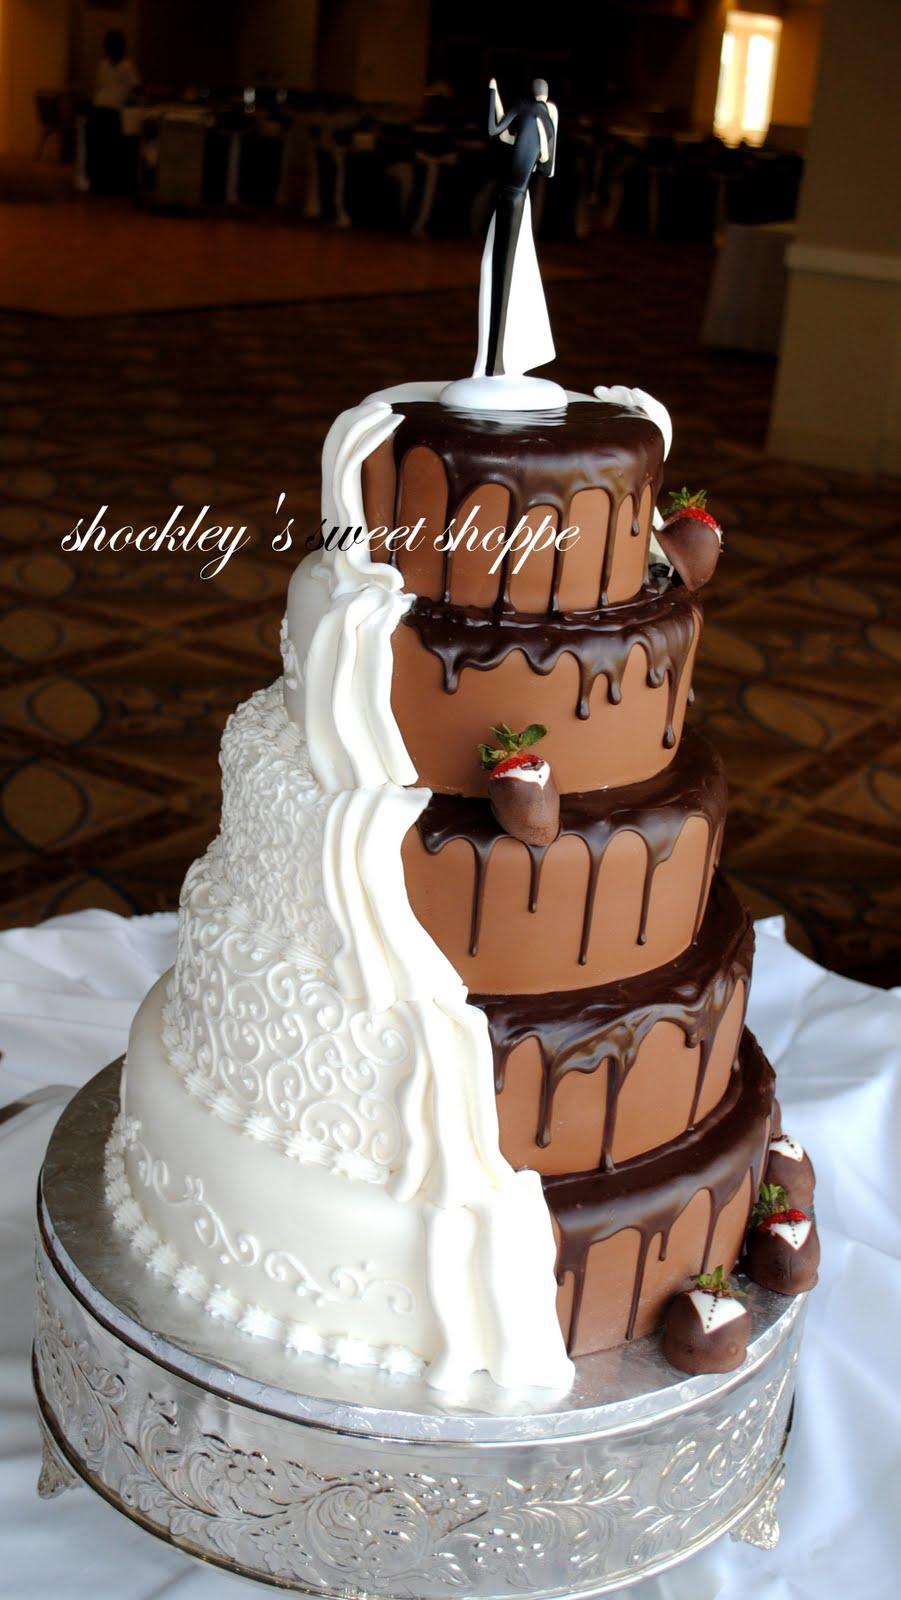 Beautiful Vanilla Cake Images : Shockley s Sweet Shoppe